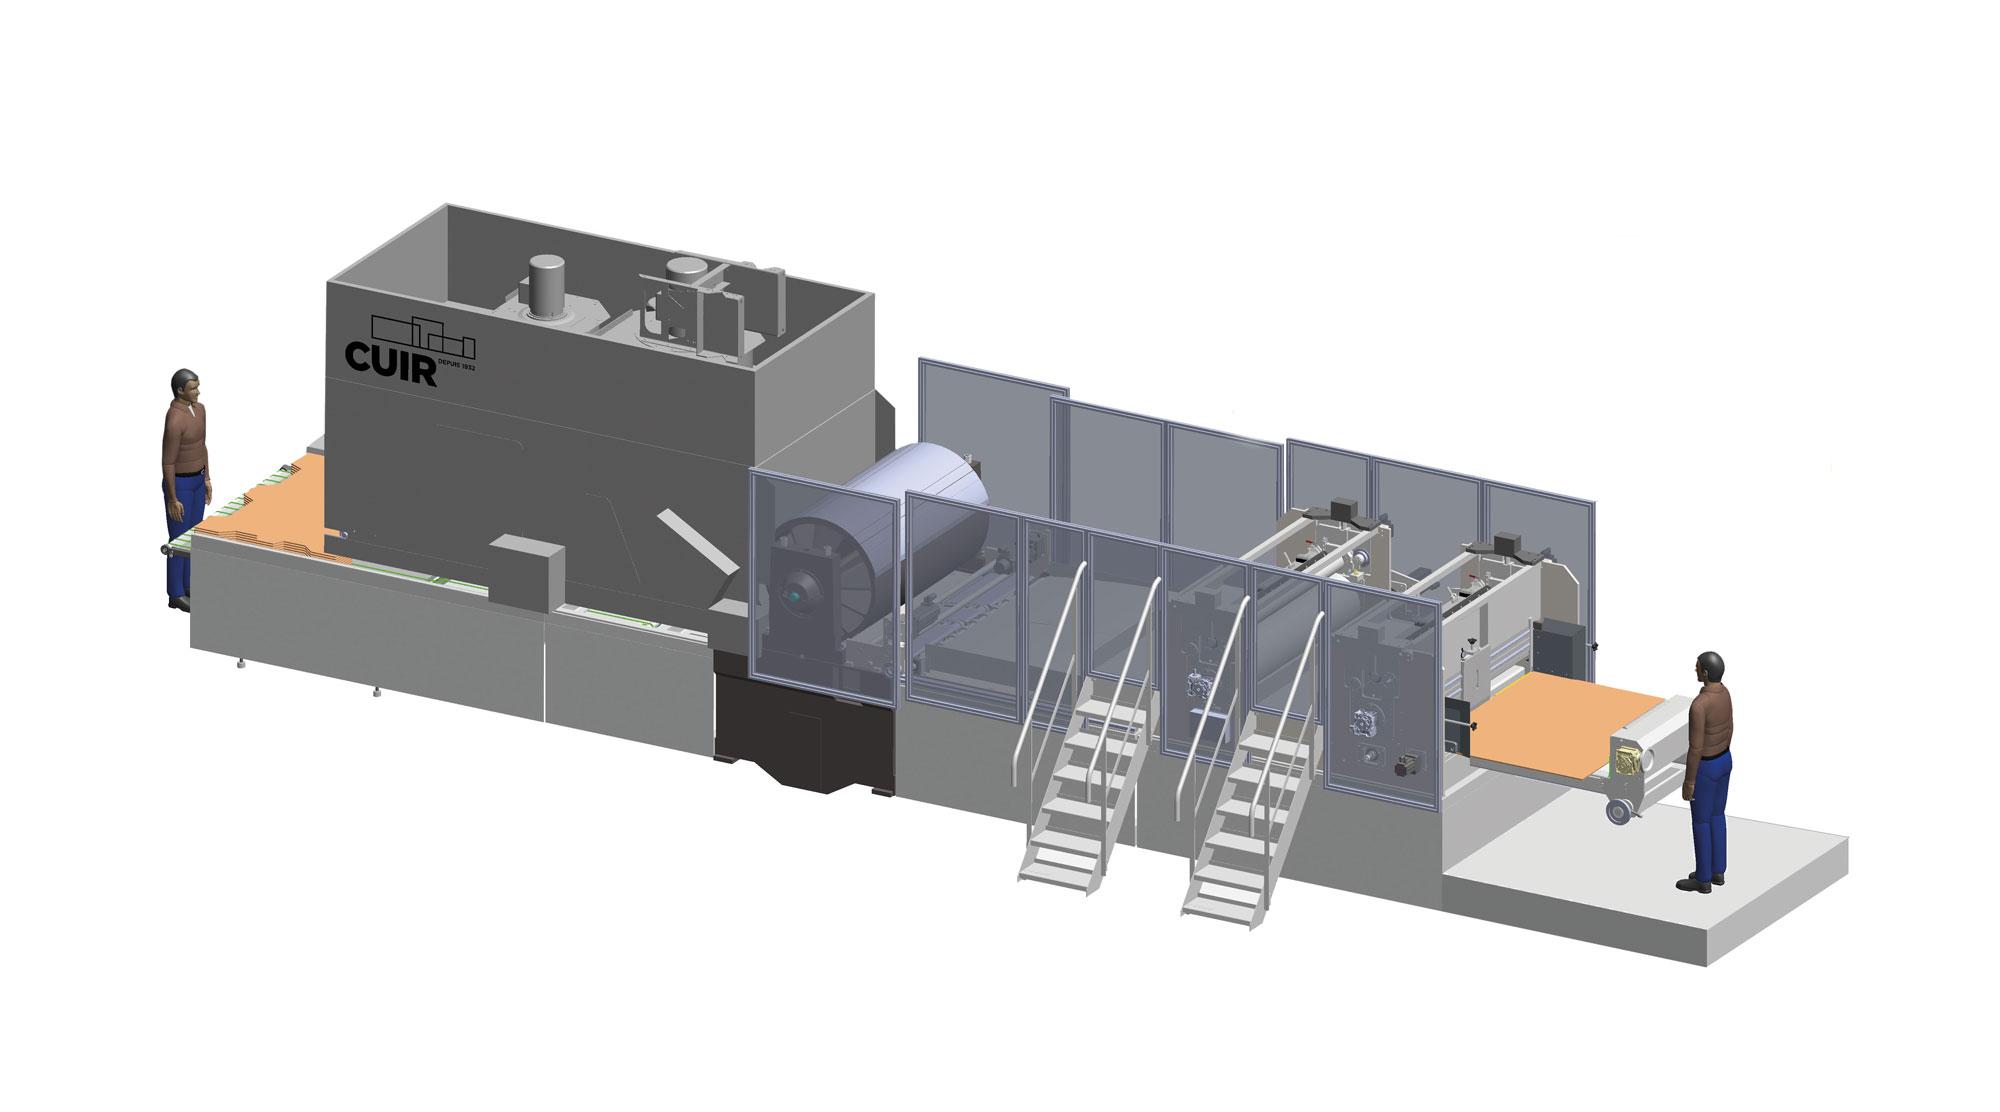 Mini Cuir - cuir - Impression et découpe sur du carton ondulé - Flexographie